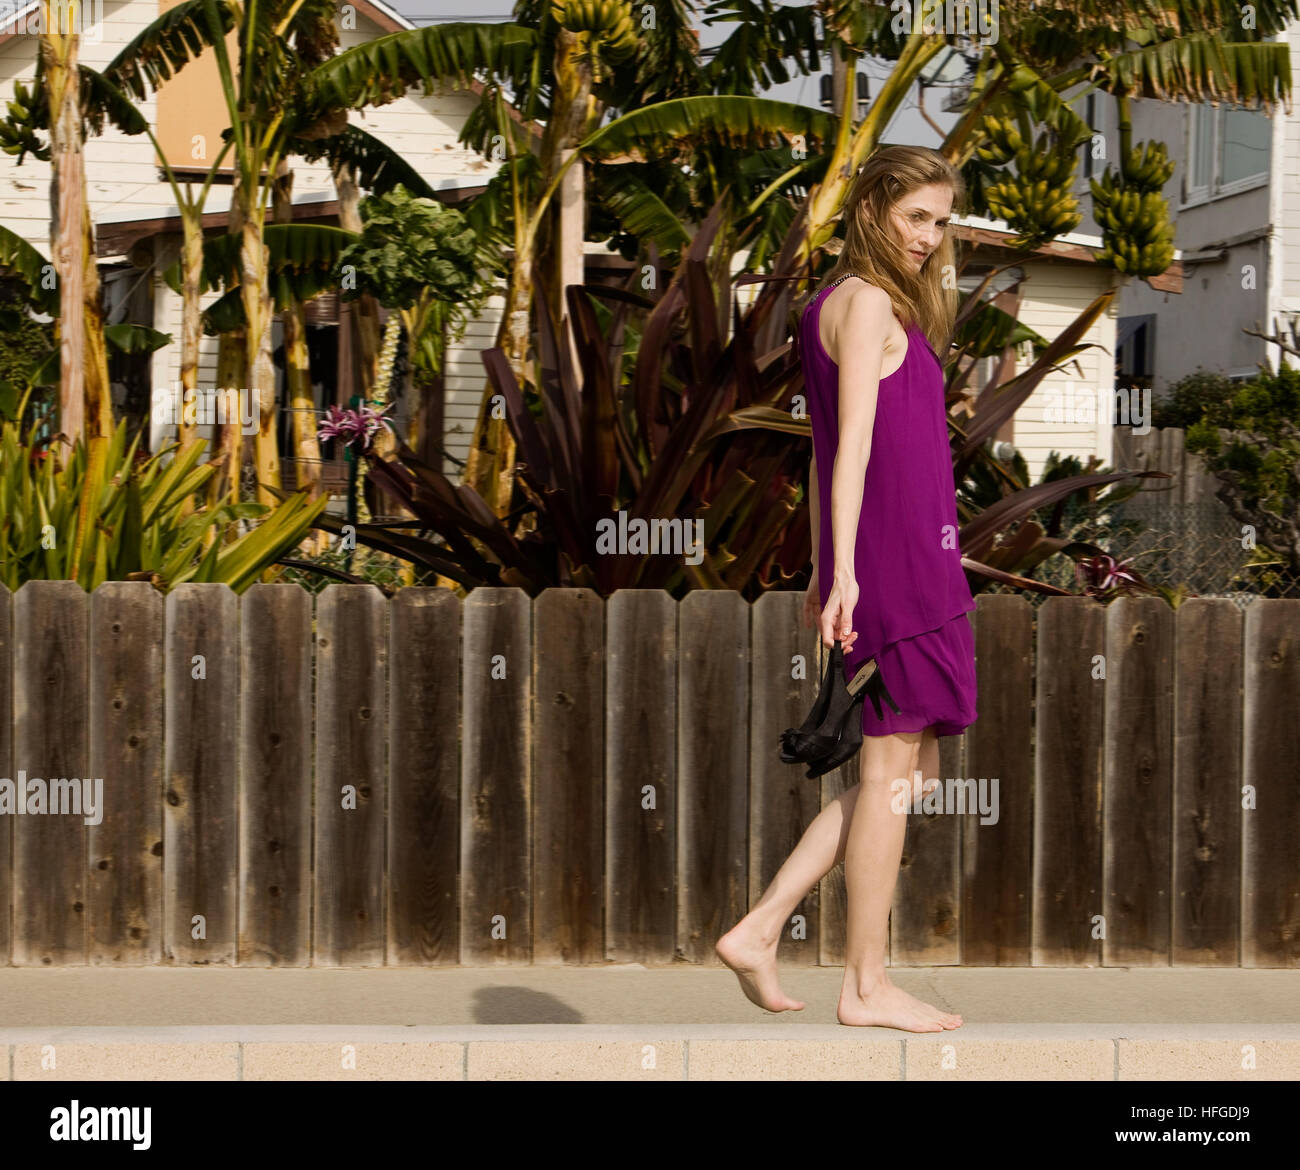 Frau zu Fuß entlang einer Wand in ein Cocktail-Kleid tragen ihre ...